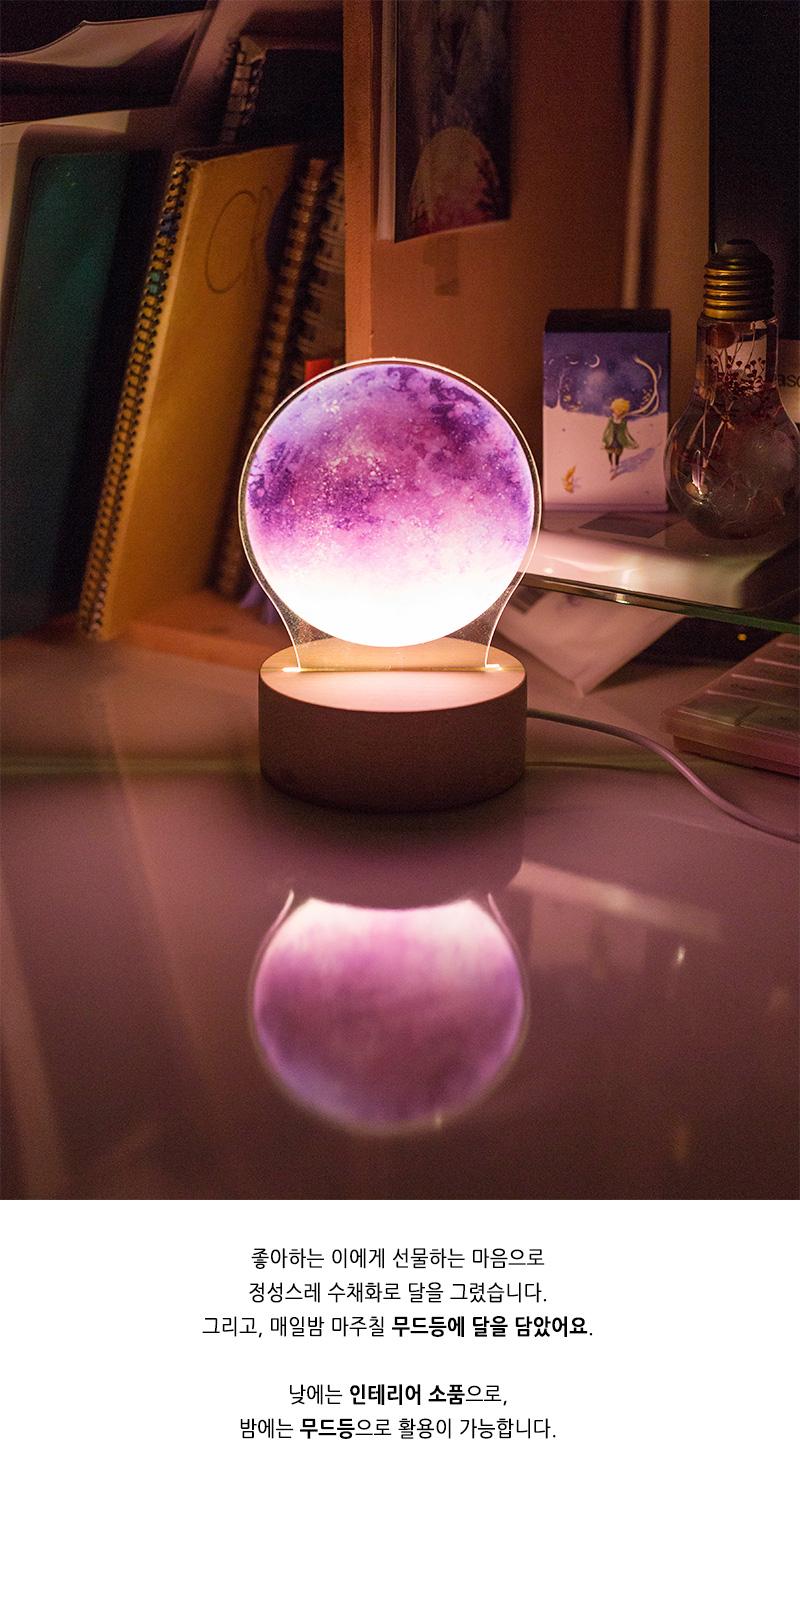 보라달 무드등 LED액자 수면등 취침등 - 하슈 스튜디오, 35,000원, 디자인조명, 아크릴 무드등